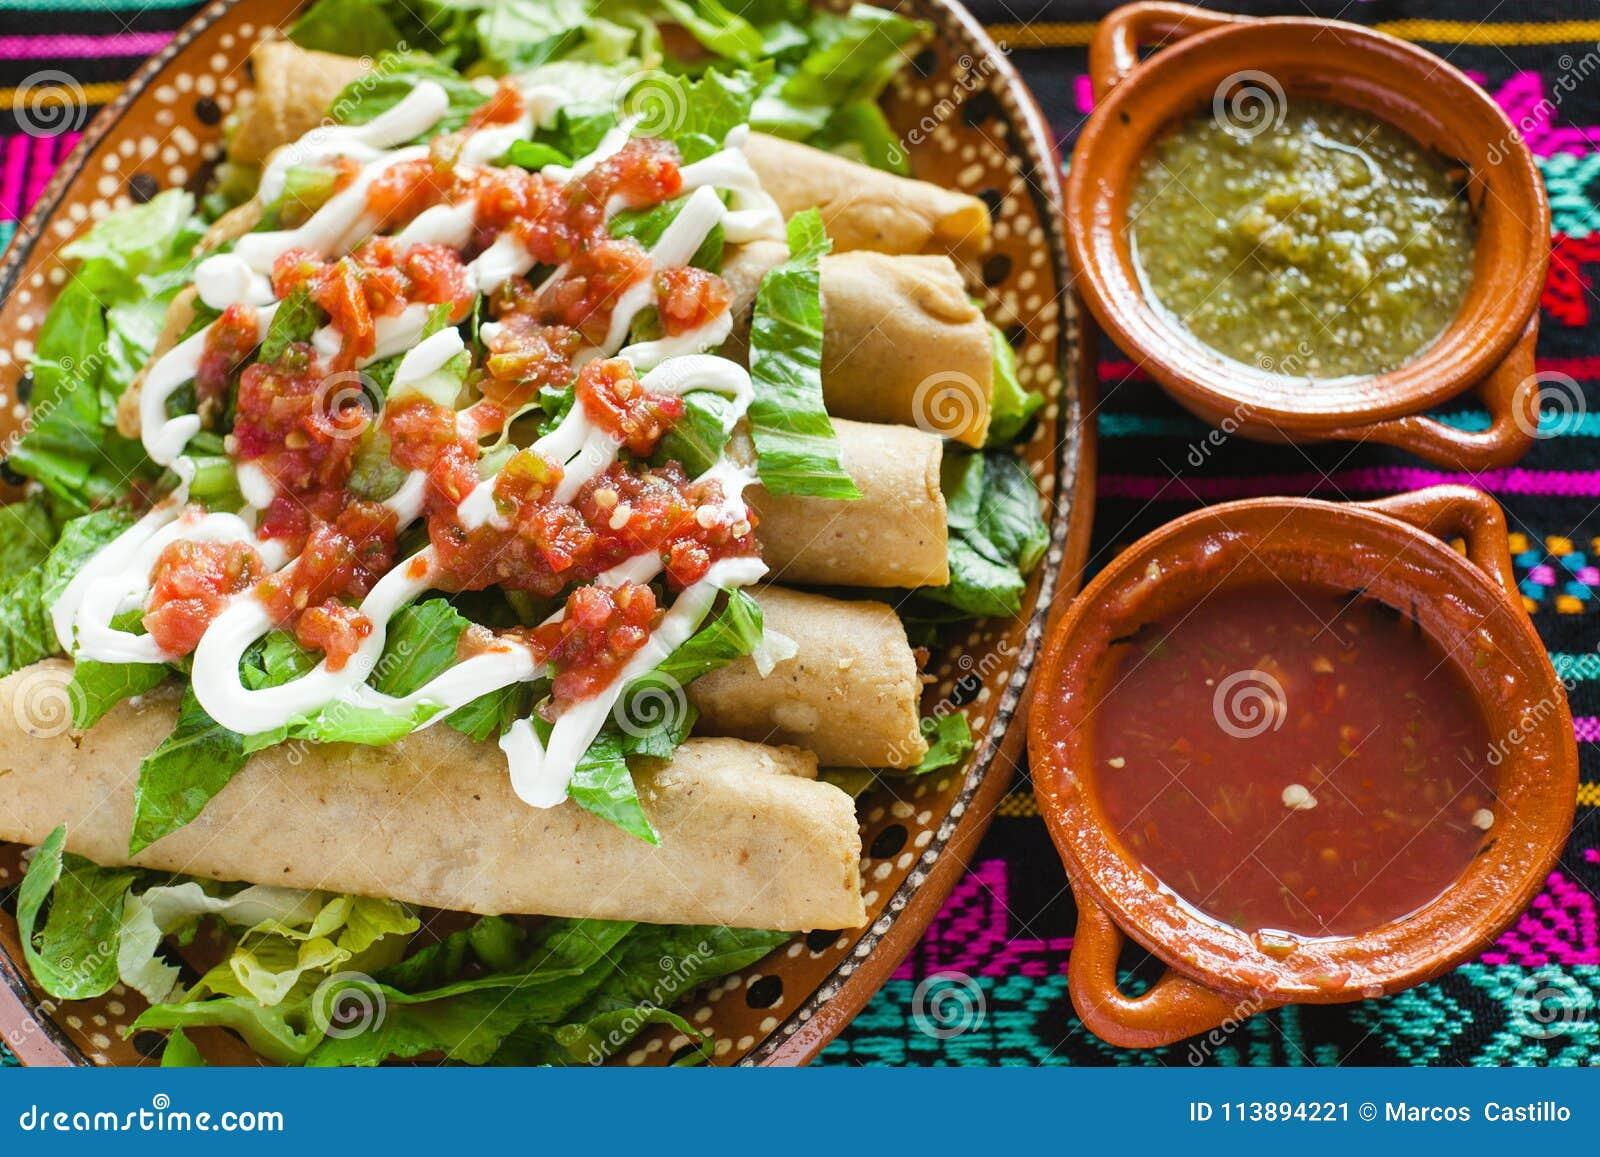 Flautas De Pollo Tacos And Salsa Homemade Food Mexican Mexico City ...